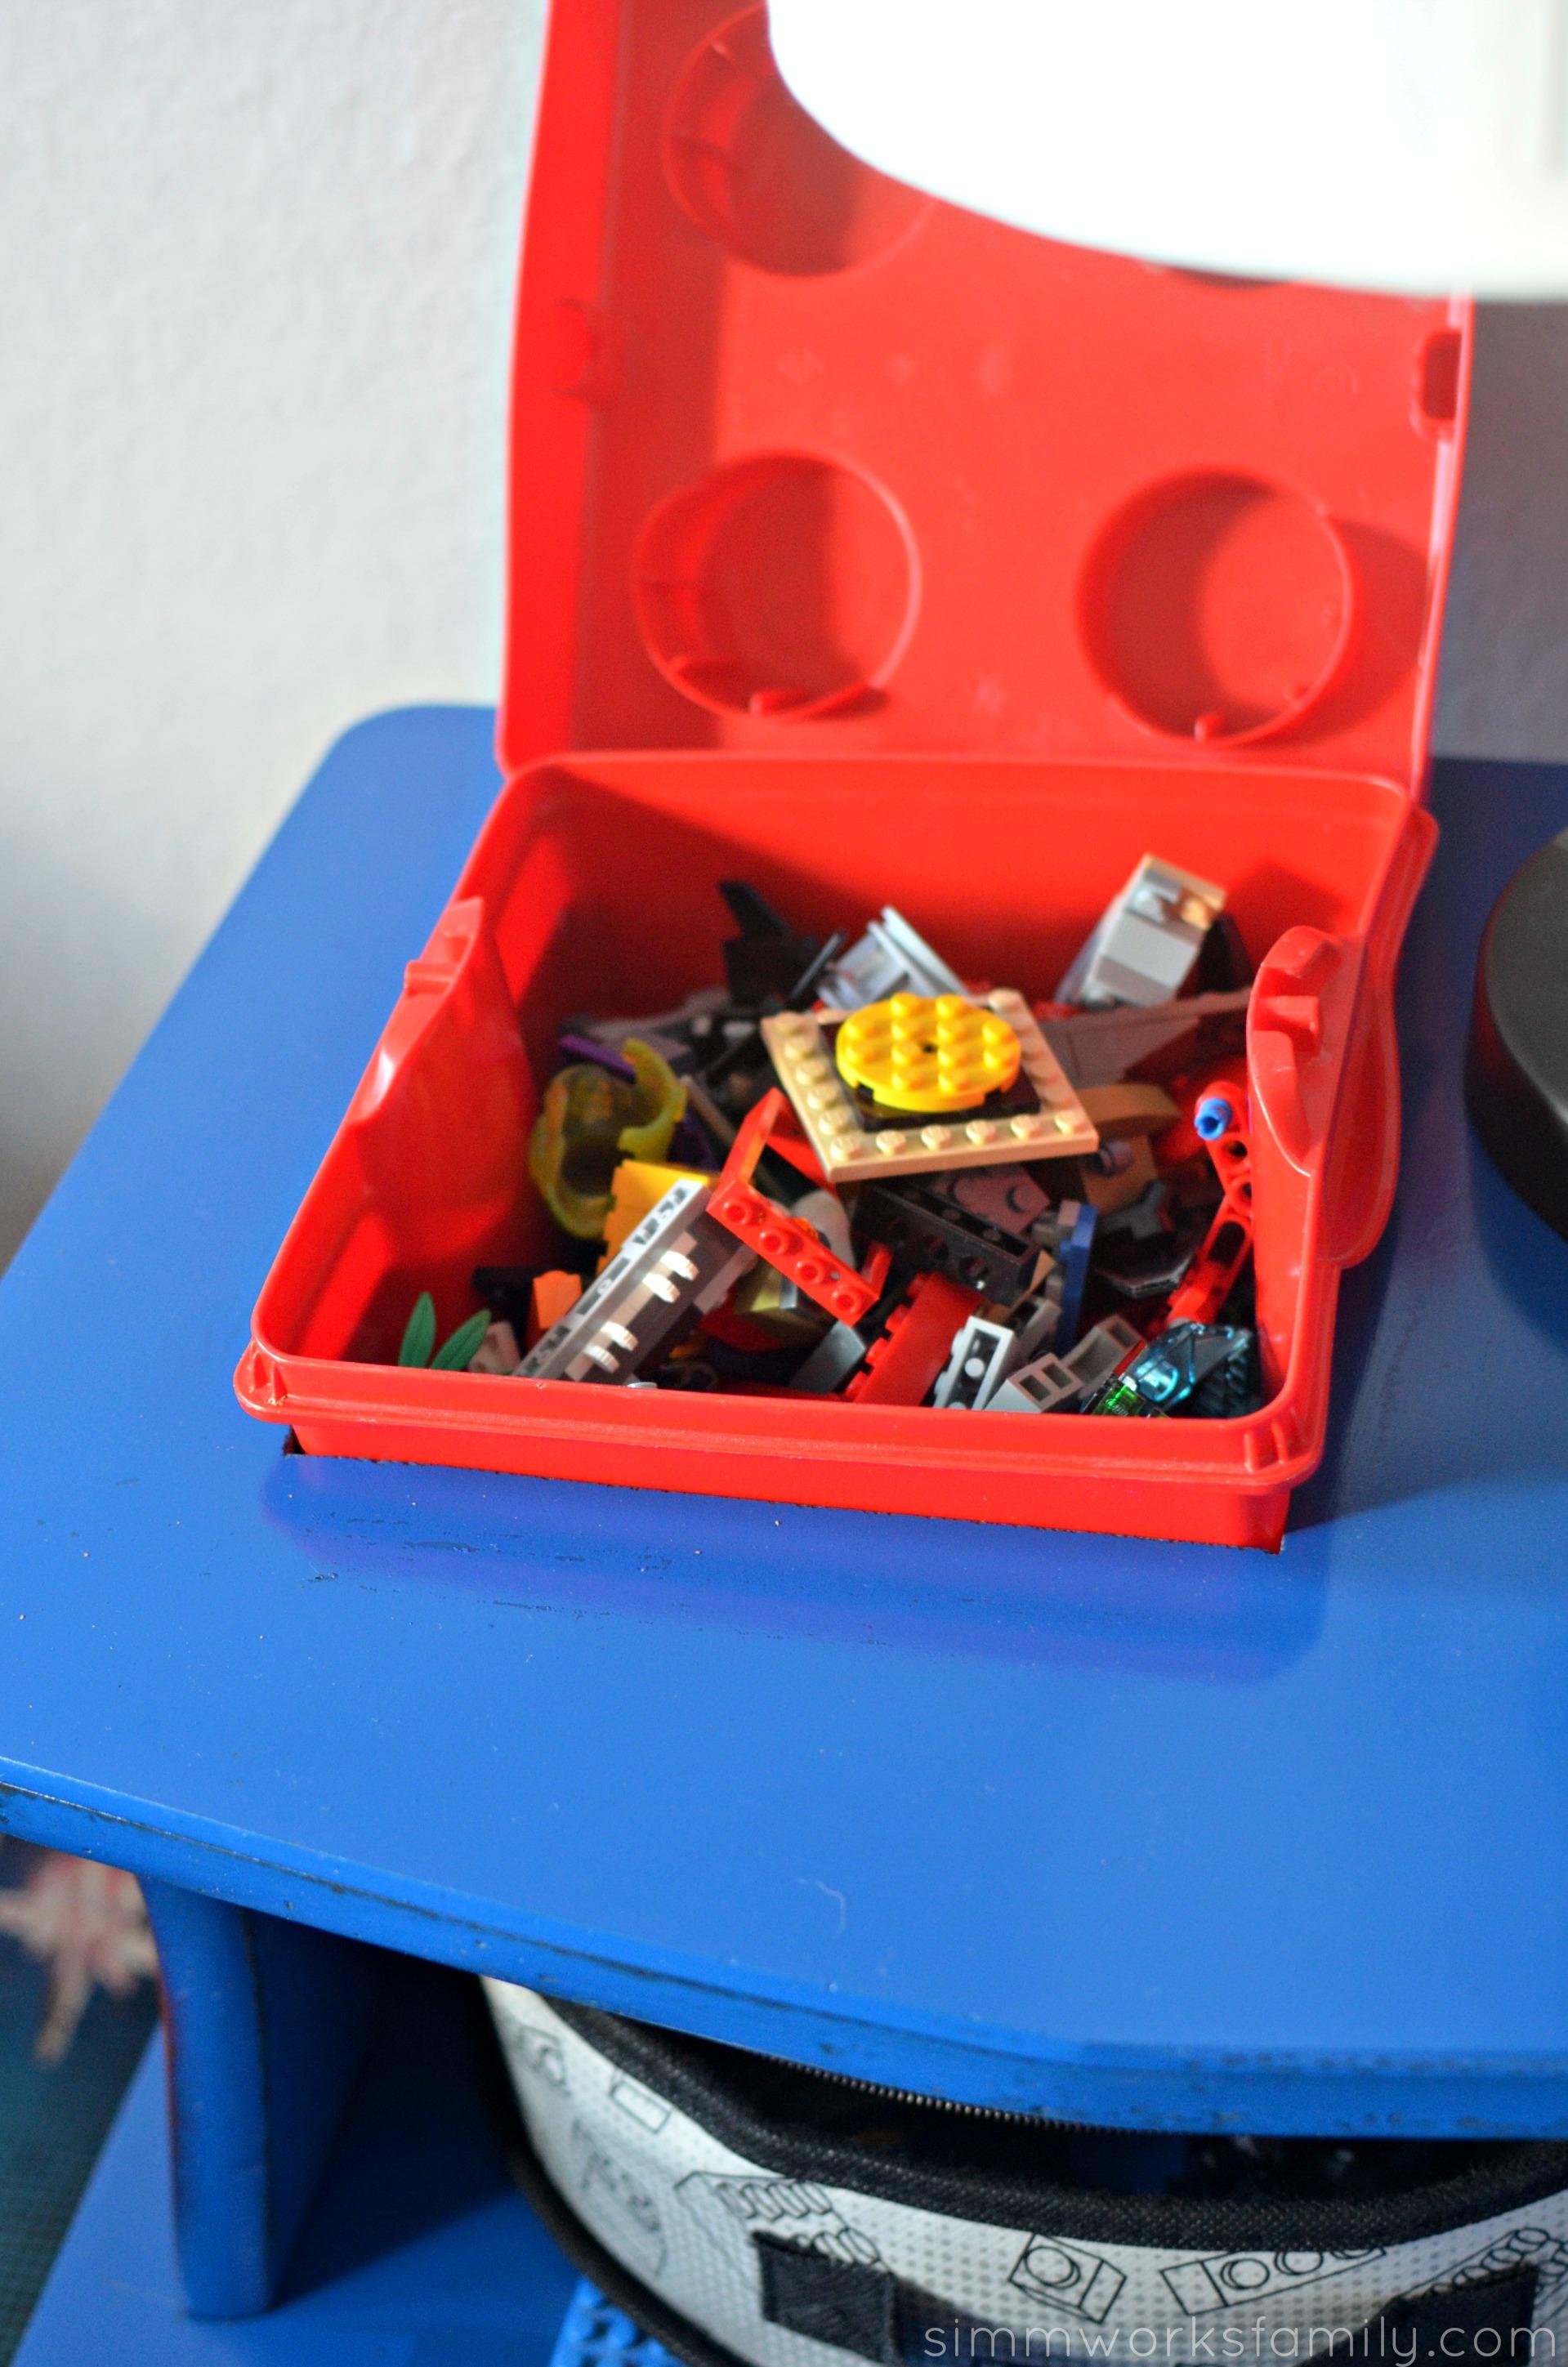 DIY Lego Side Table - built in LEGO box